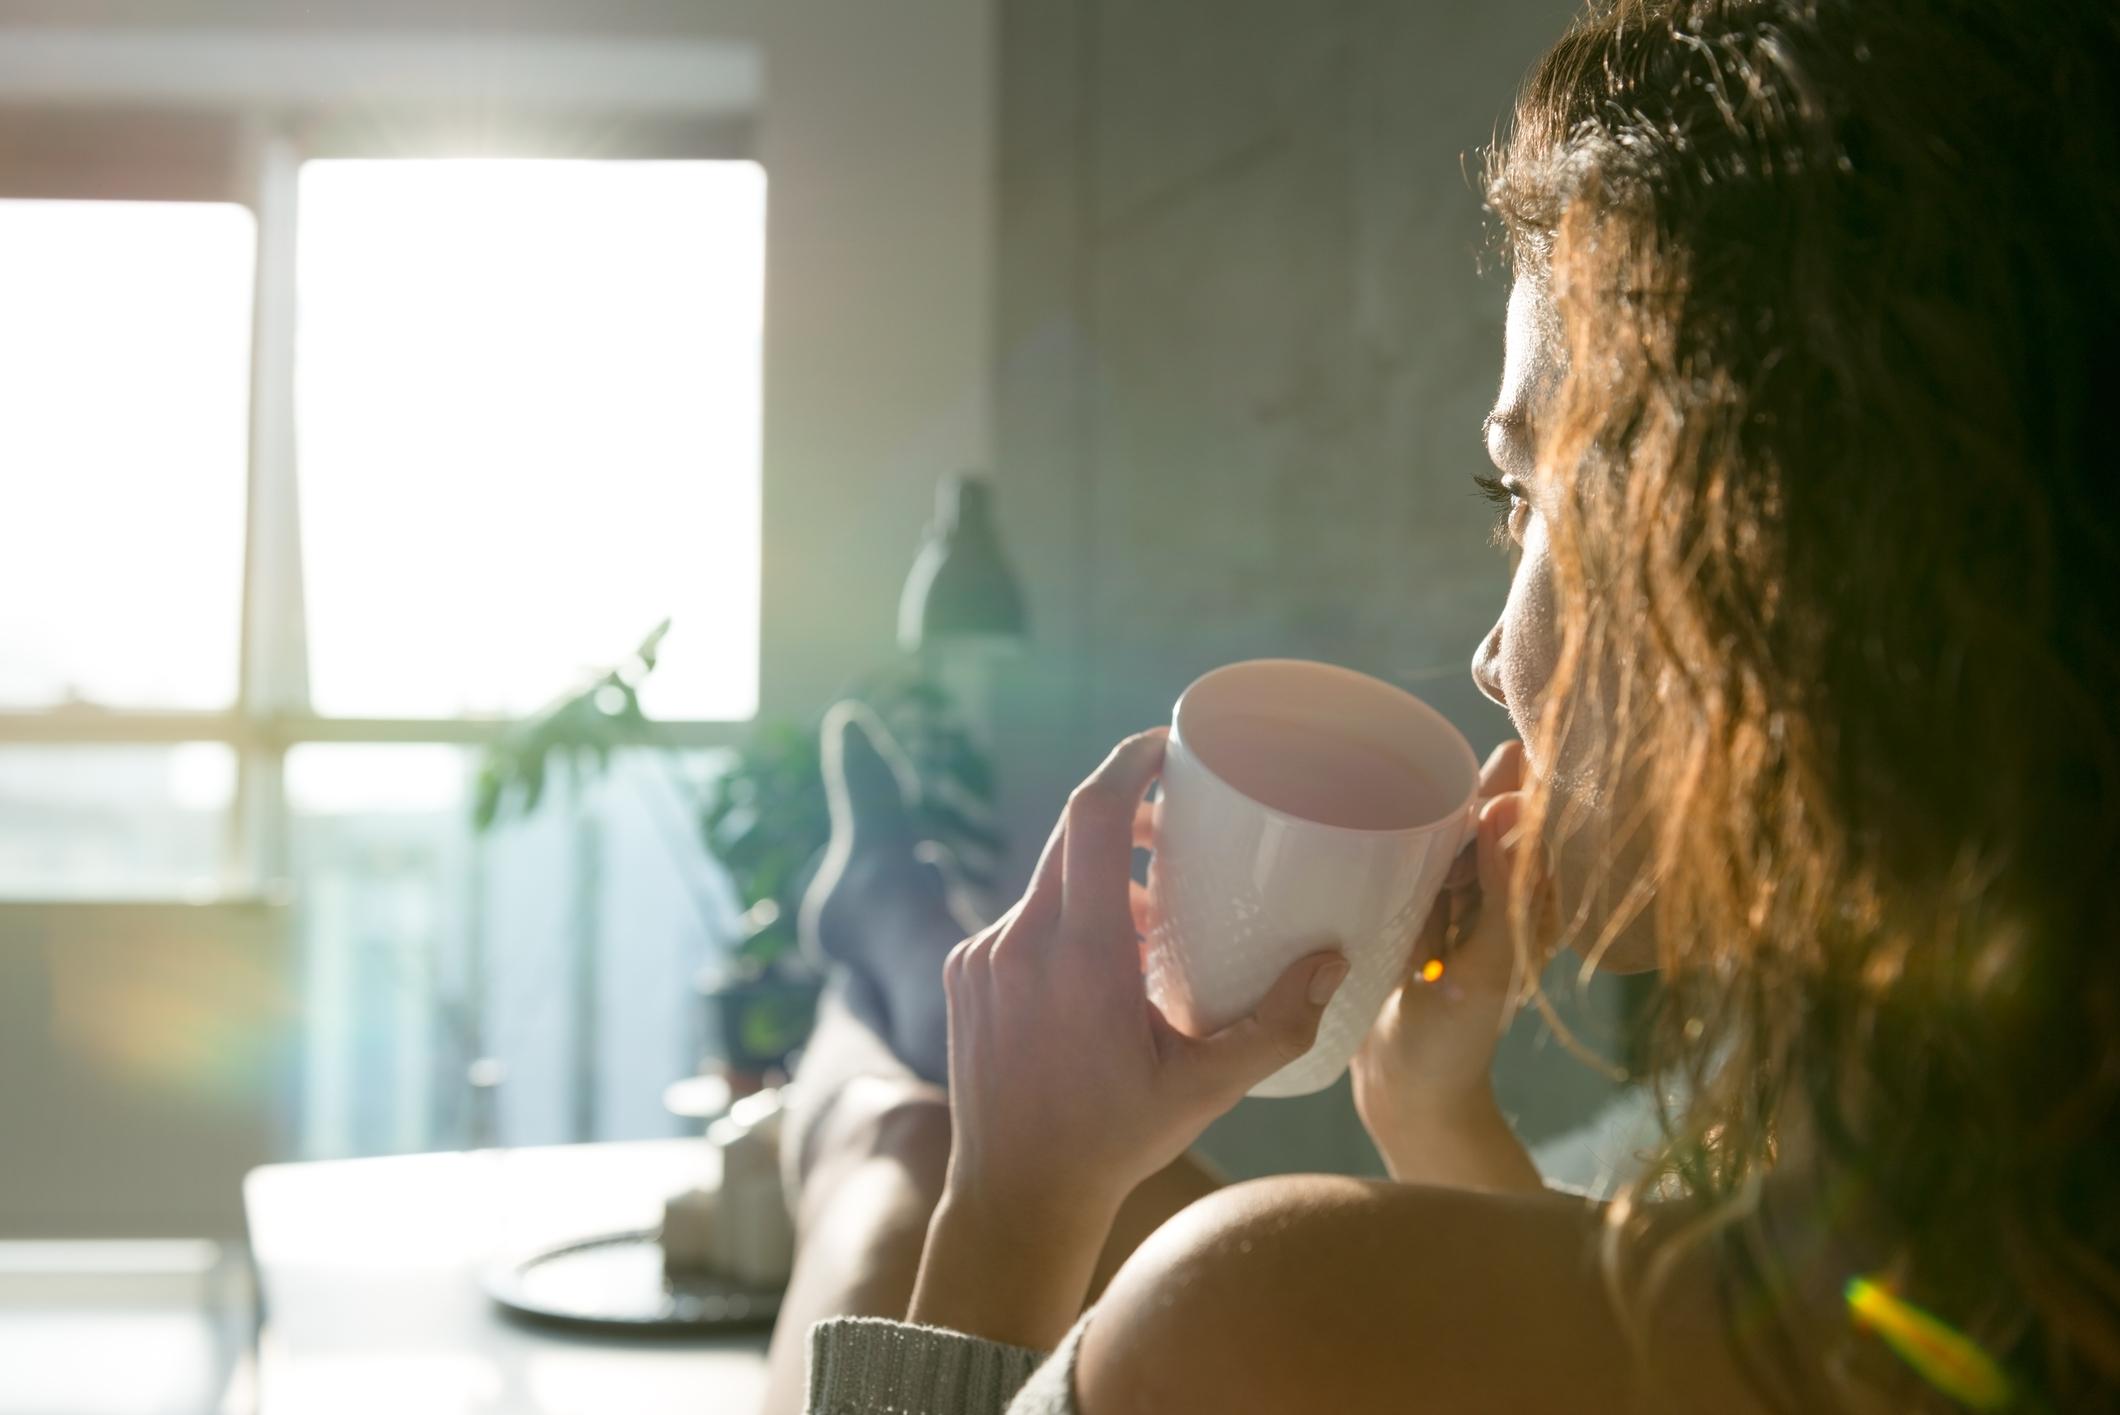 Direkt am frühen Morgen eine kleine Auszeit nehmen sorgt für einen klaren Kopf. Bild: Getty Images / StockRocket